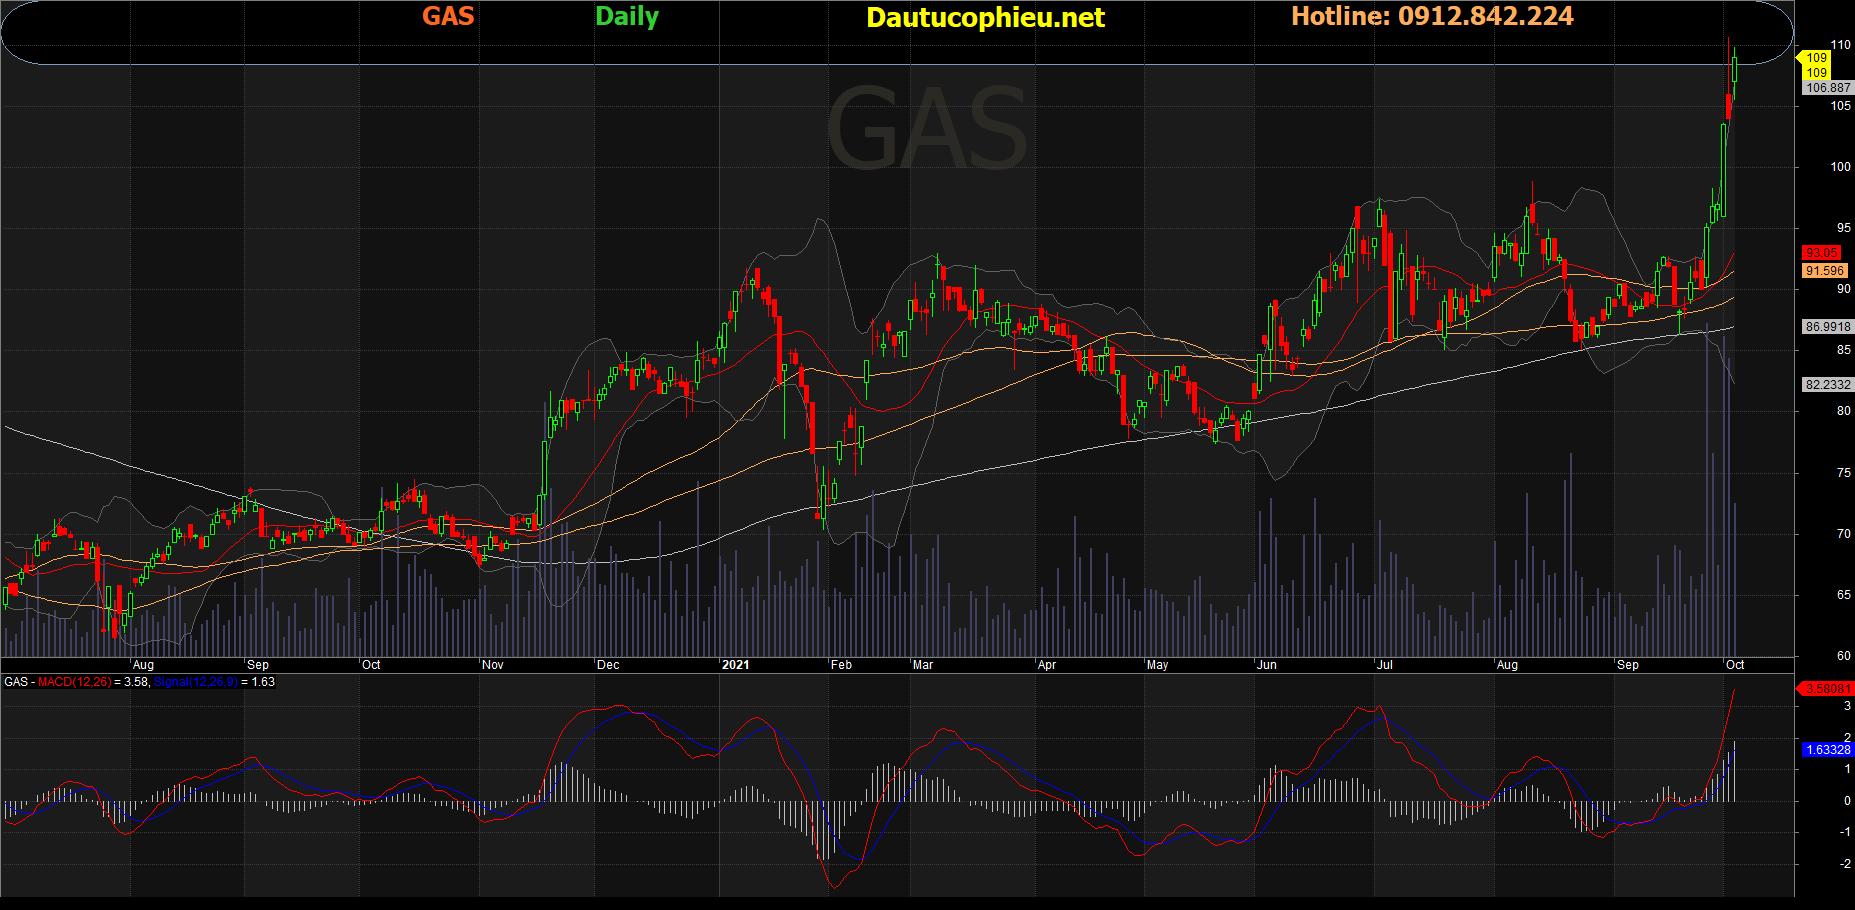 Đồ thị cổ phiếu GAS phiên giao dịch ngày 05/10/2021. Nguồn: AmiBroker